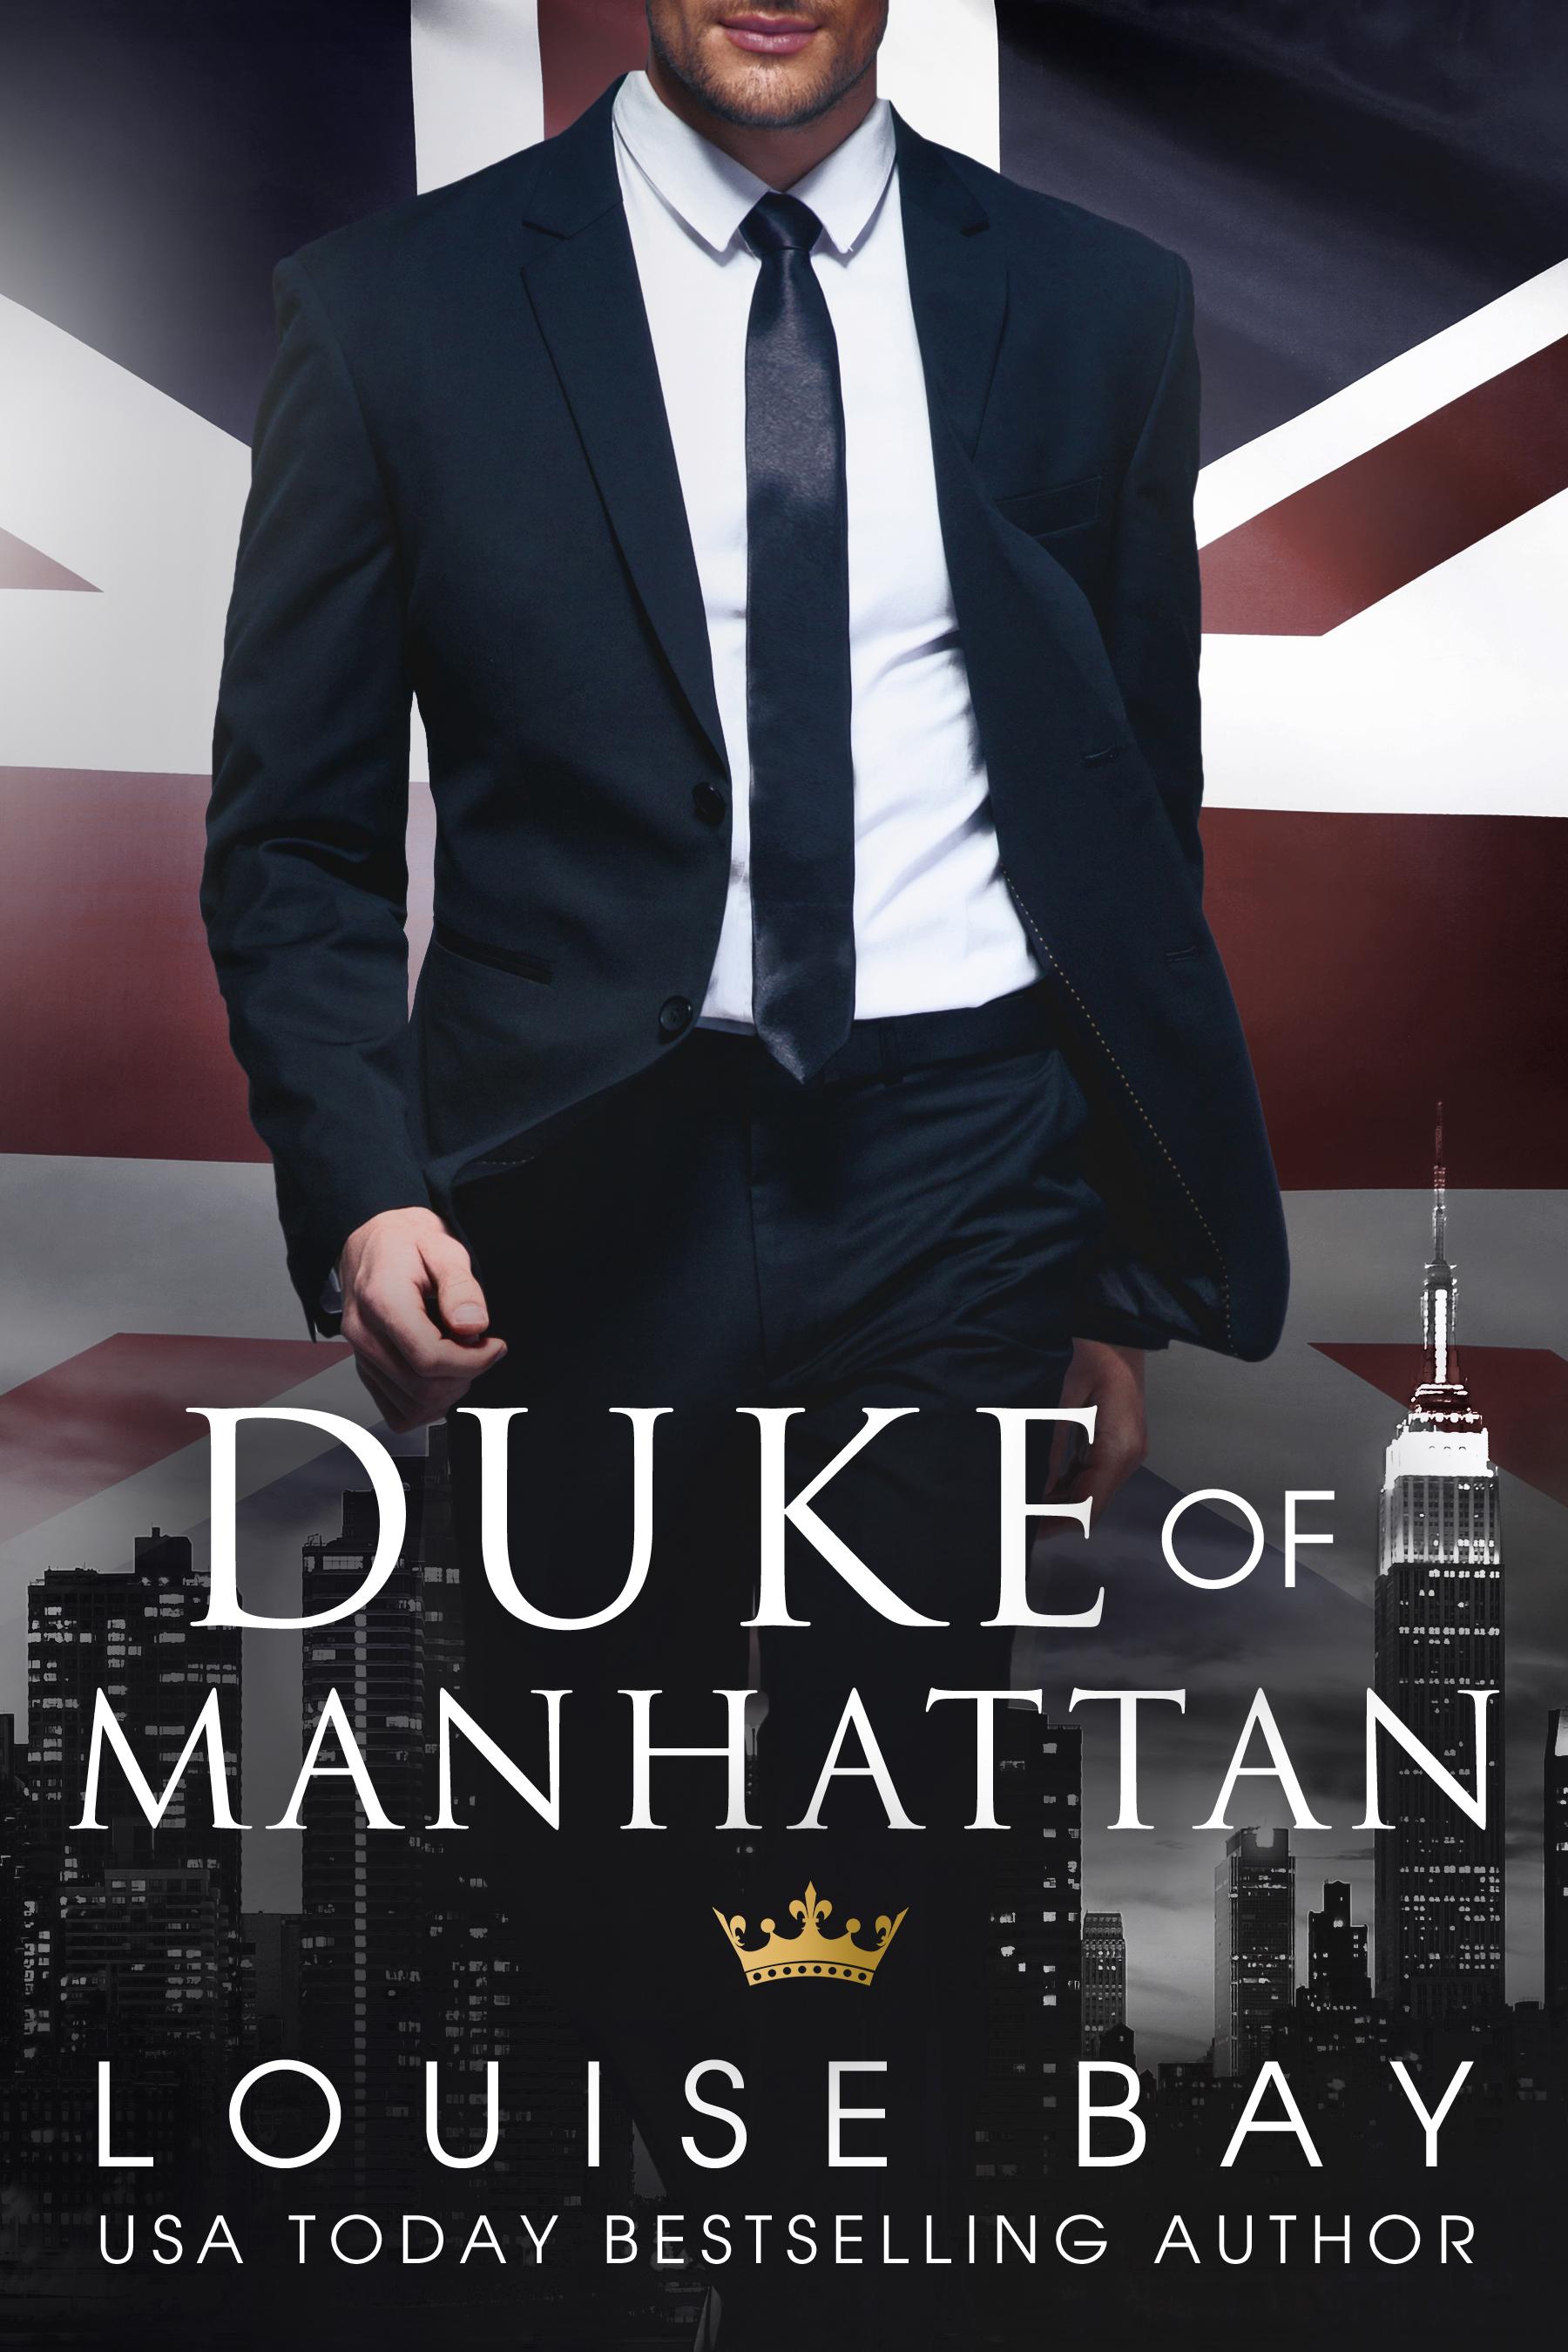 DukeofManhattan.Ebook